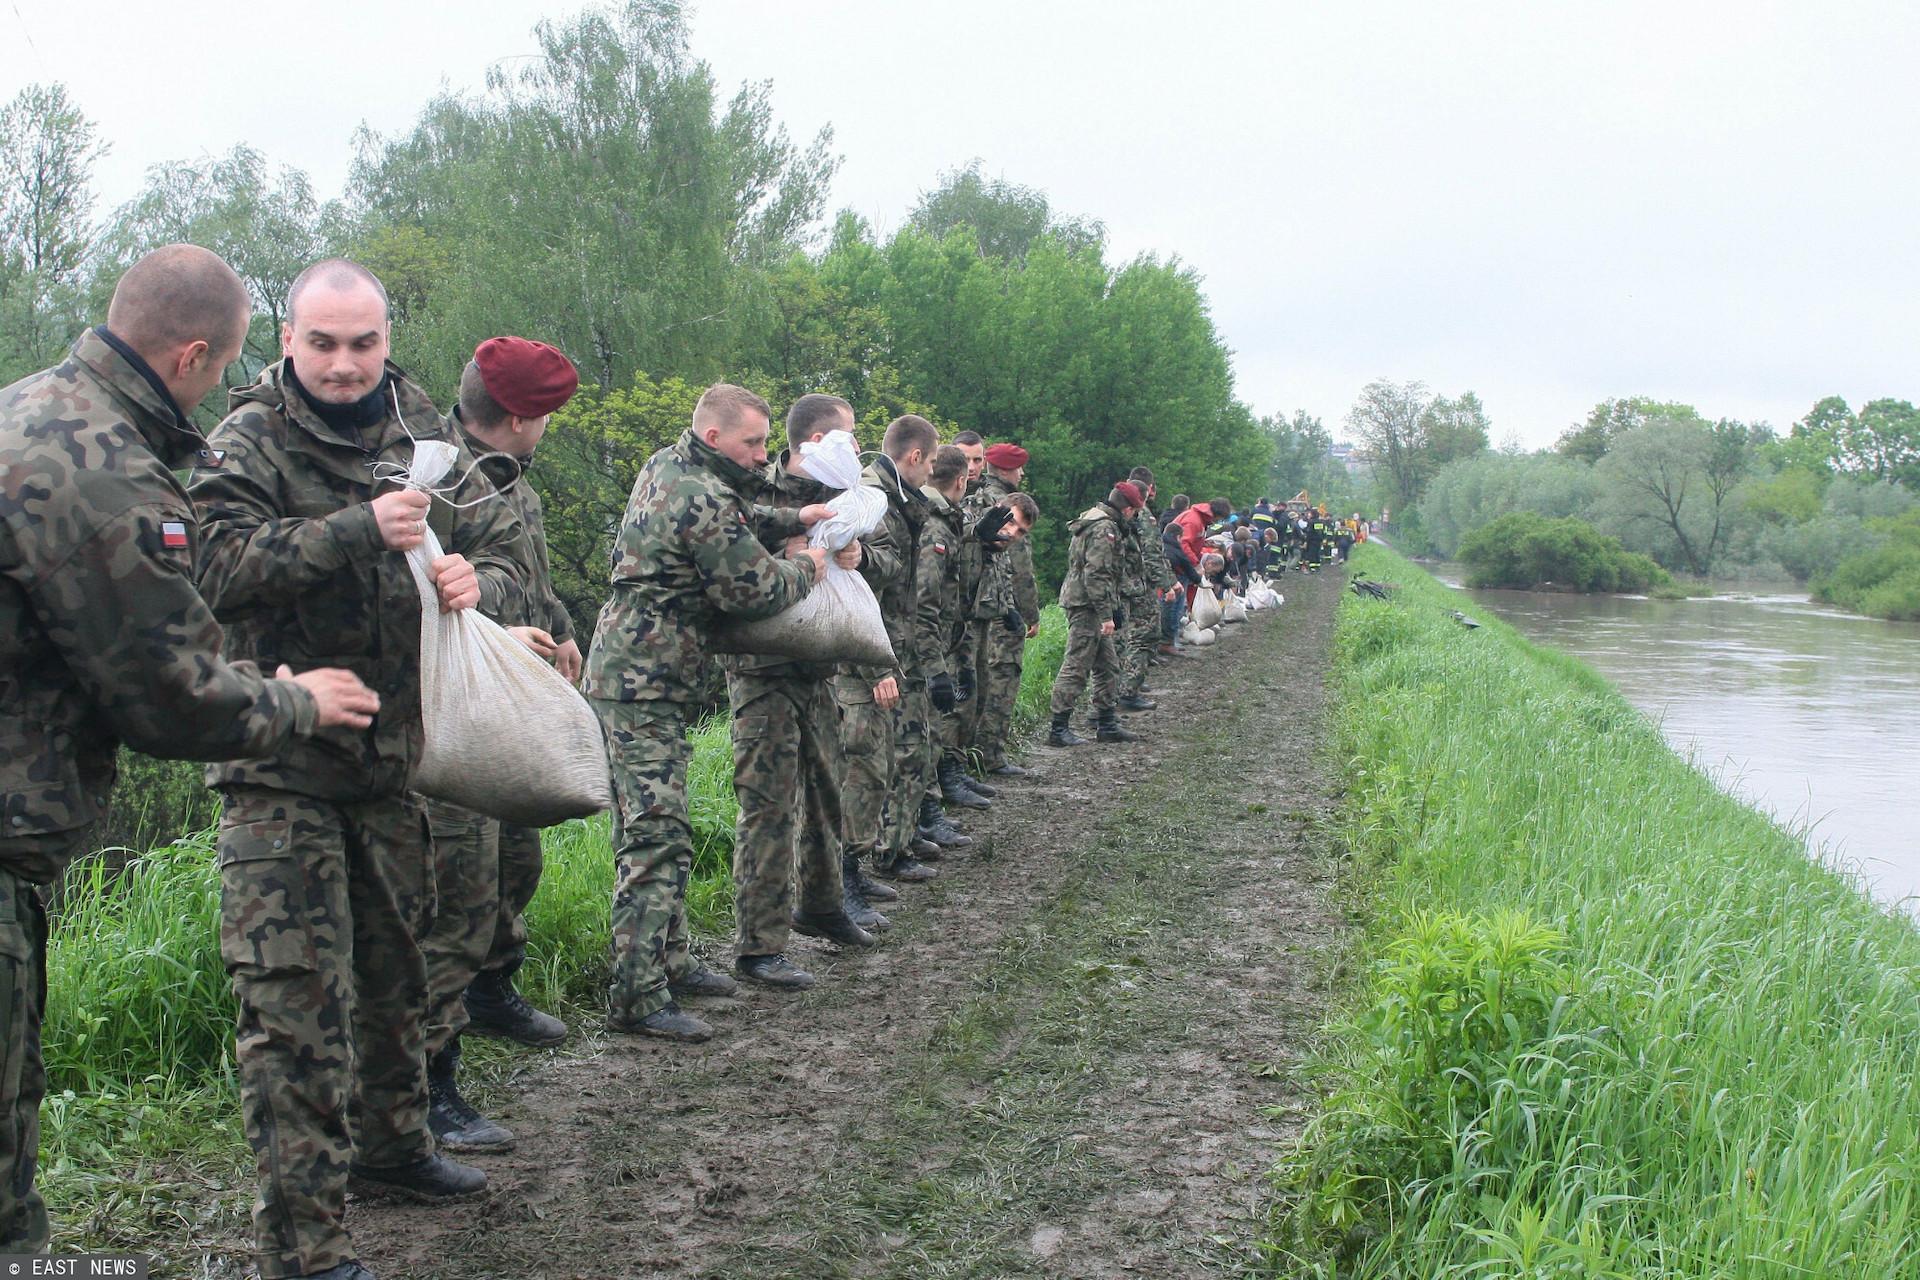 Wojska Obrony Terytorialnej w związku z zagrożeniem mają pozostać w gotowości